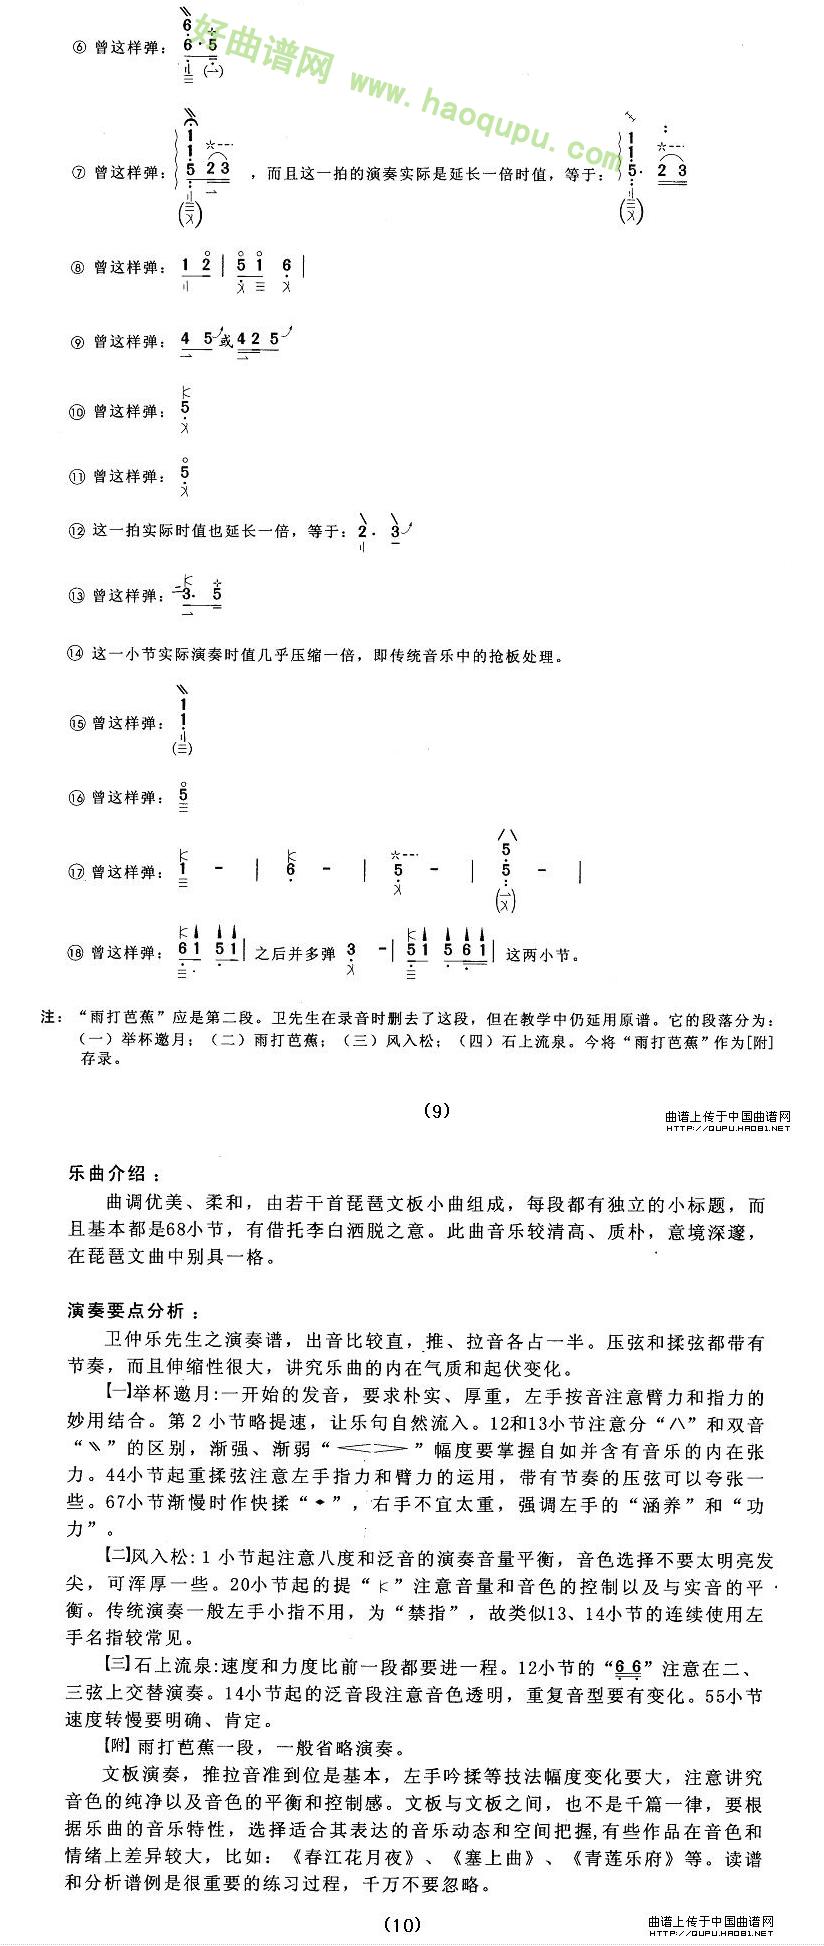 《青莲乐府》(卫仲乐演奏版)琵琶曲谱第5张